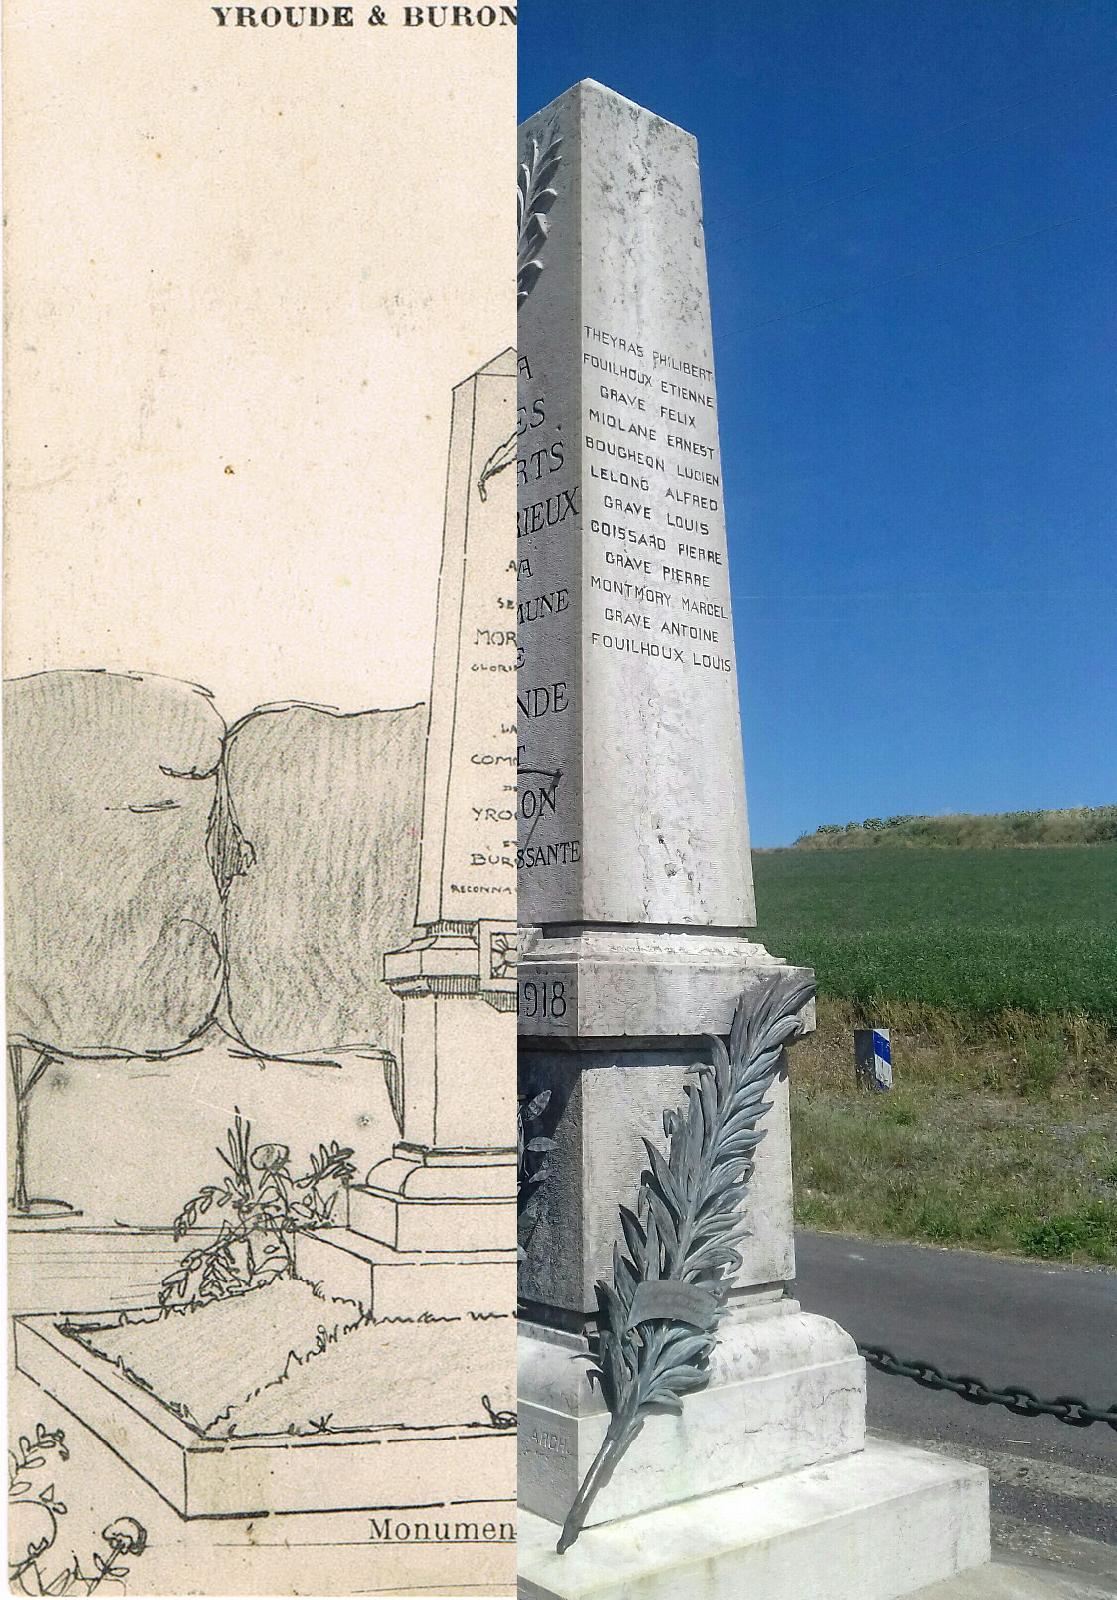 Yronde-et-Buron - Yronde-et-Buron - INSEE 63472 - Monument aux Morts, gravure.voir le dépôt des images et relevé de ce Monument sur Geneanet.